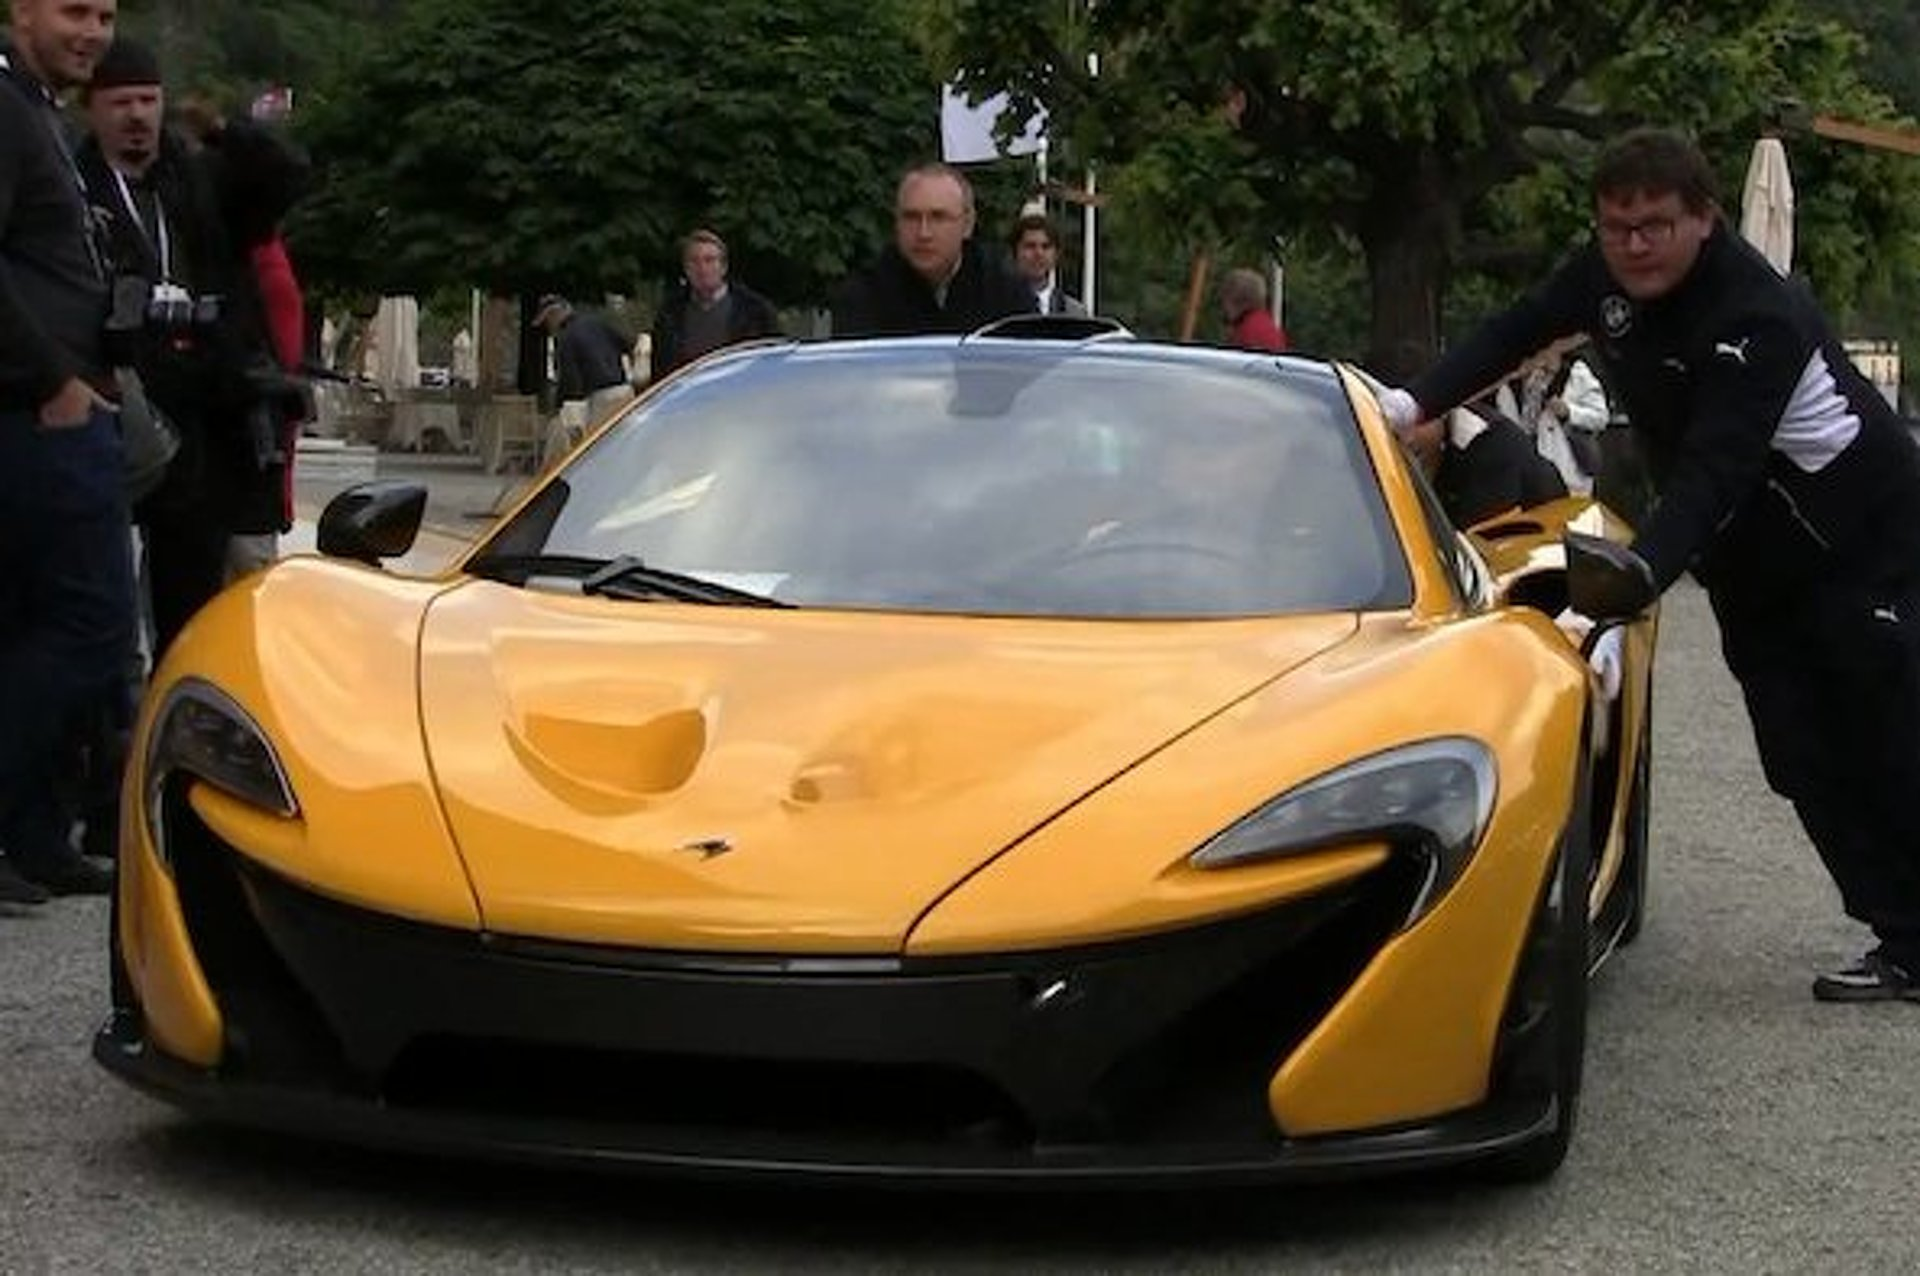 McLaren P1 Breaks Down at Concorso d'Eleganza, Embarrassment Ensues [video]